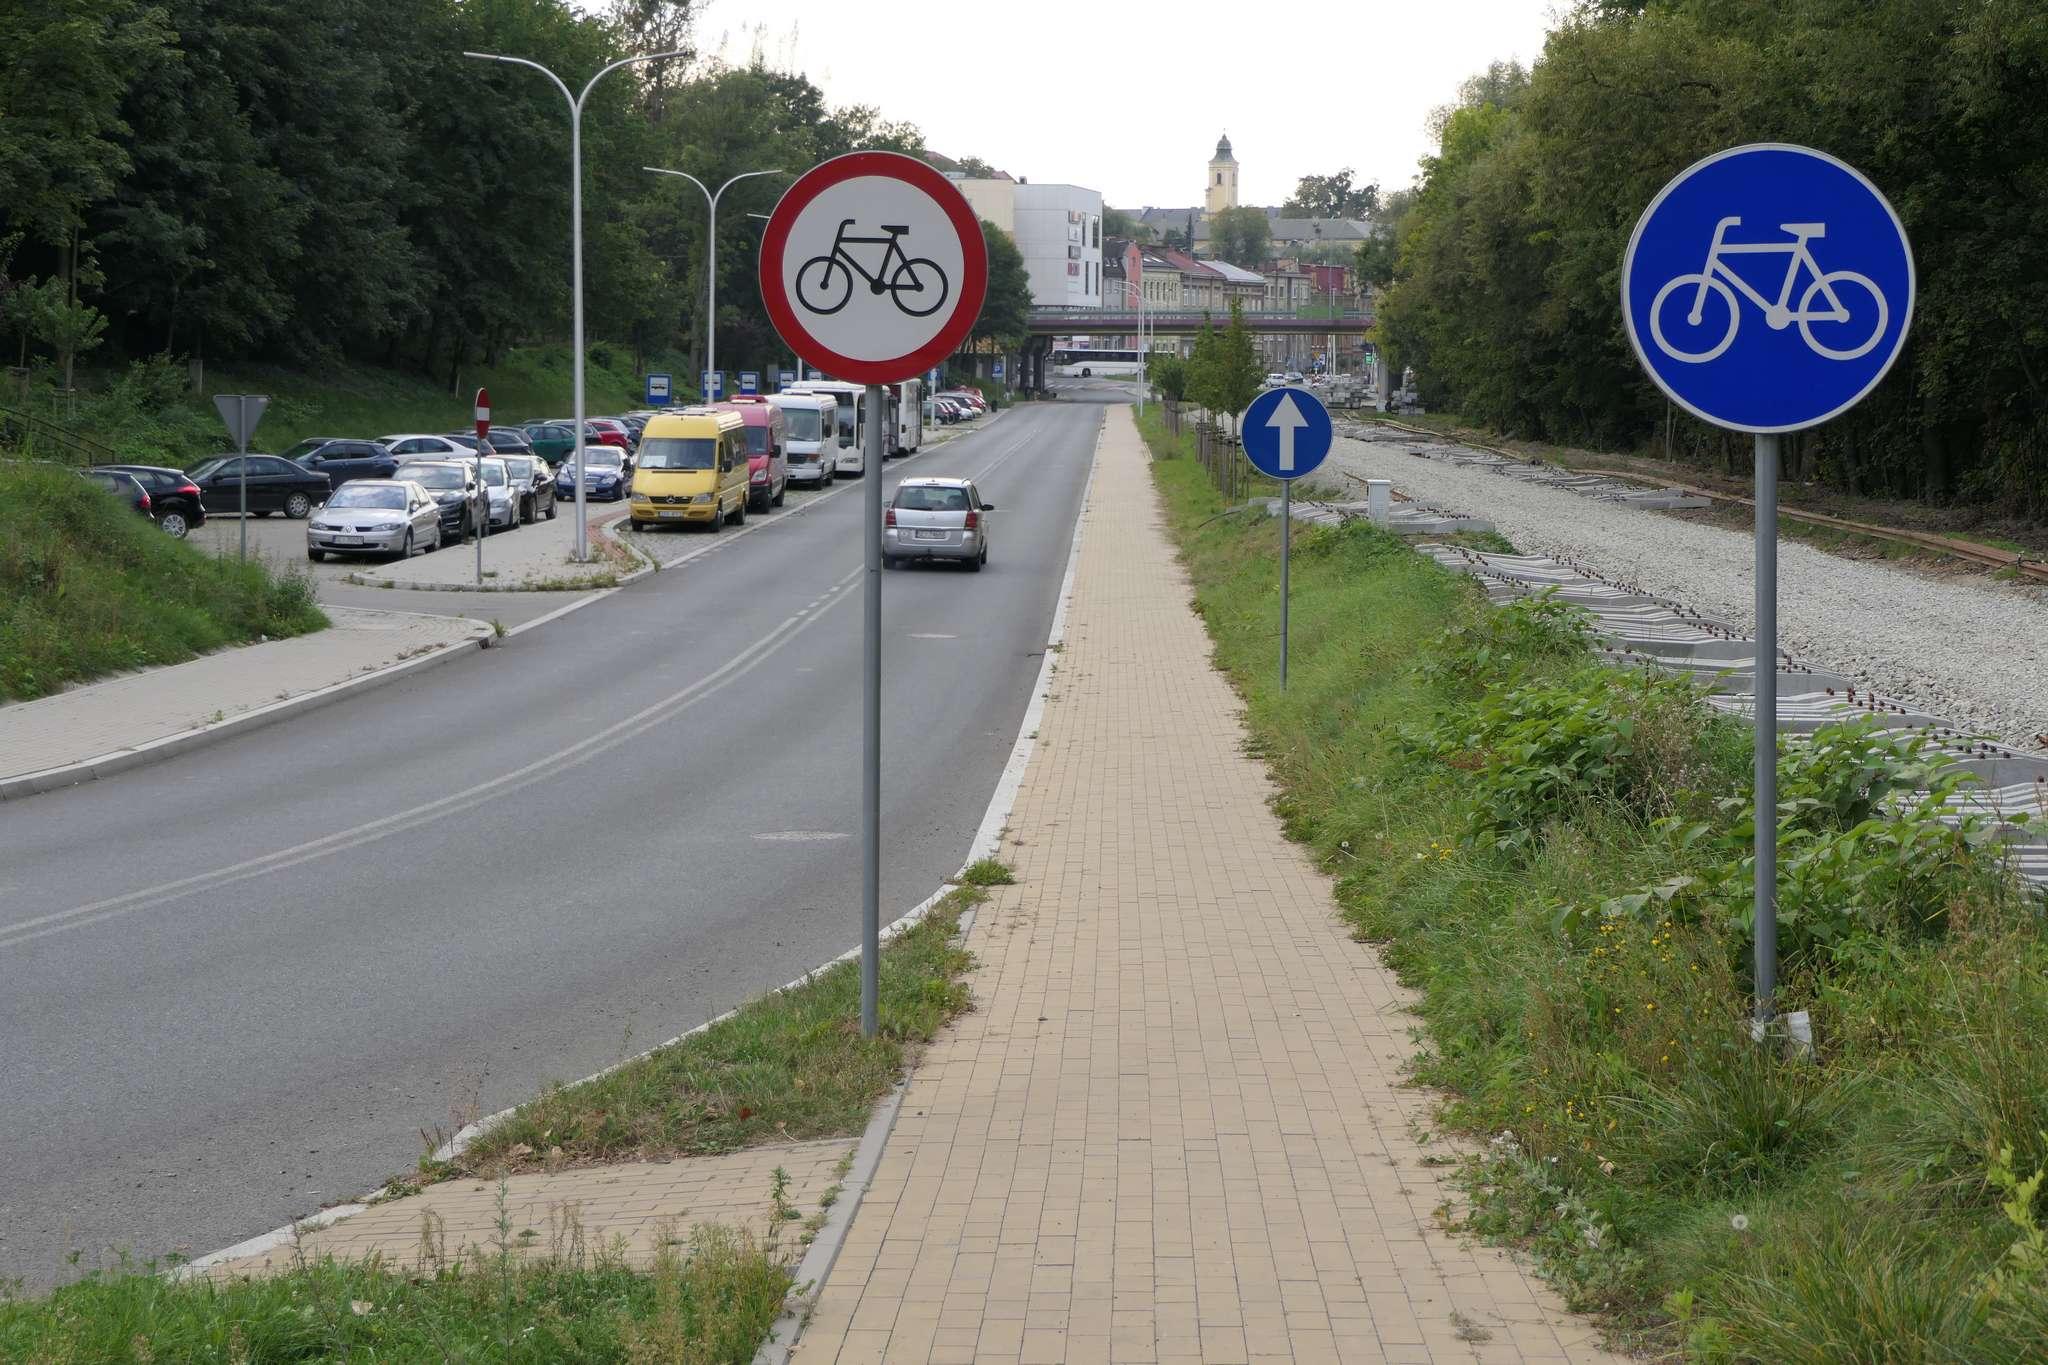 """Metrowej szerokości i prostopadle ułożony """"wjazd"""" na drogę rowerową jest niebezpieczny i zniechęca do korzystania z całego odcinka. Nic dziwnego, że rowerzyści często wybierają jezdnię."""